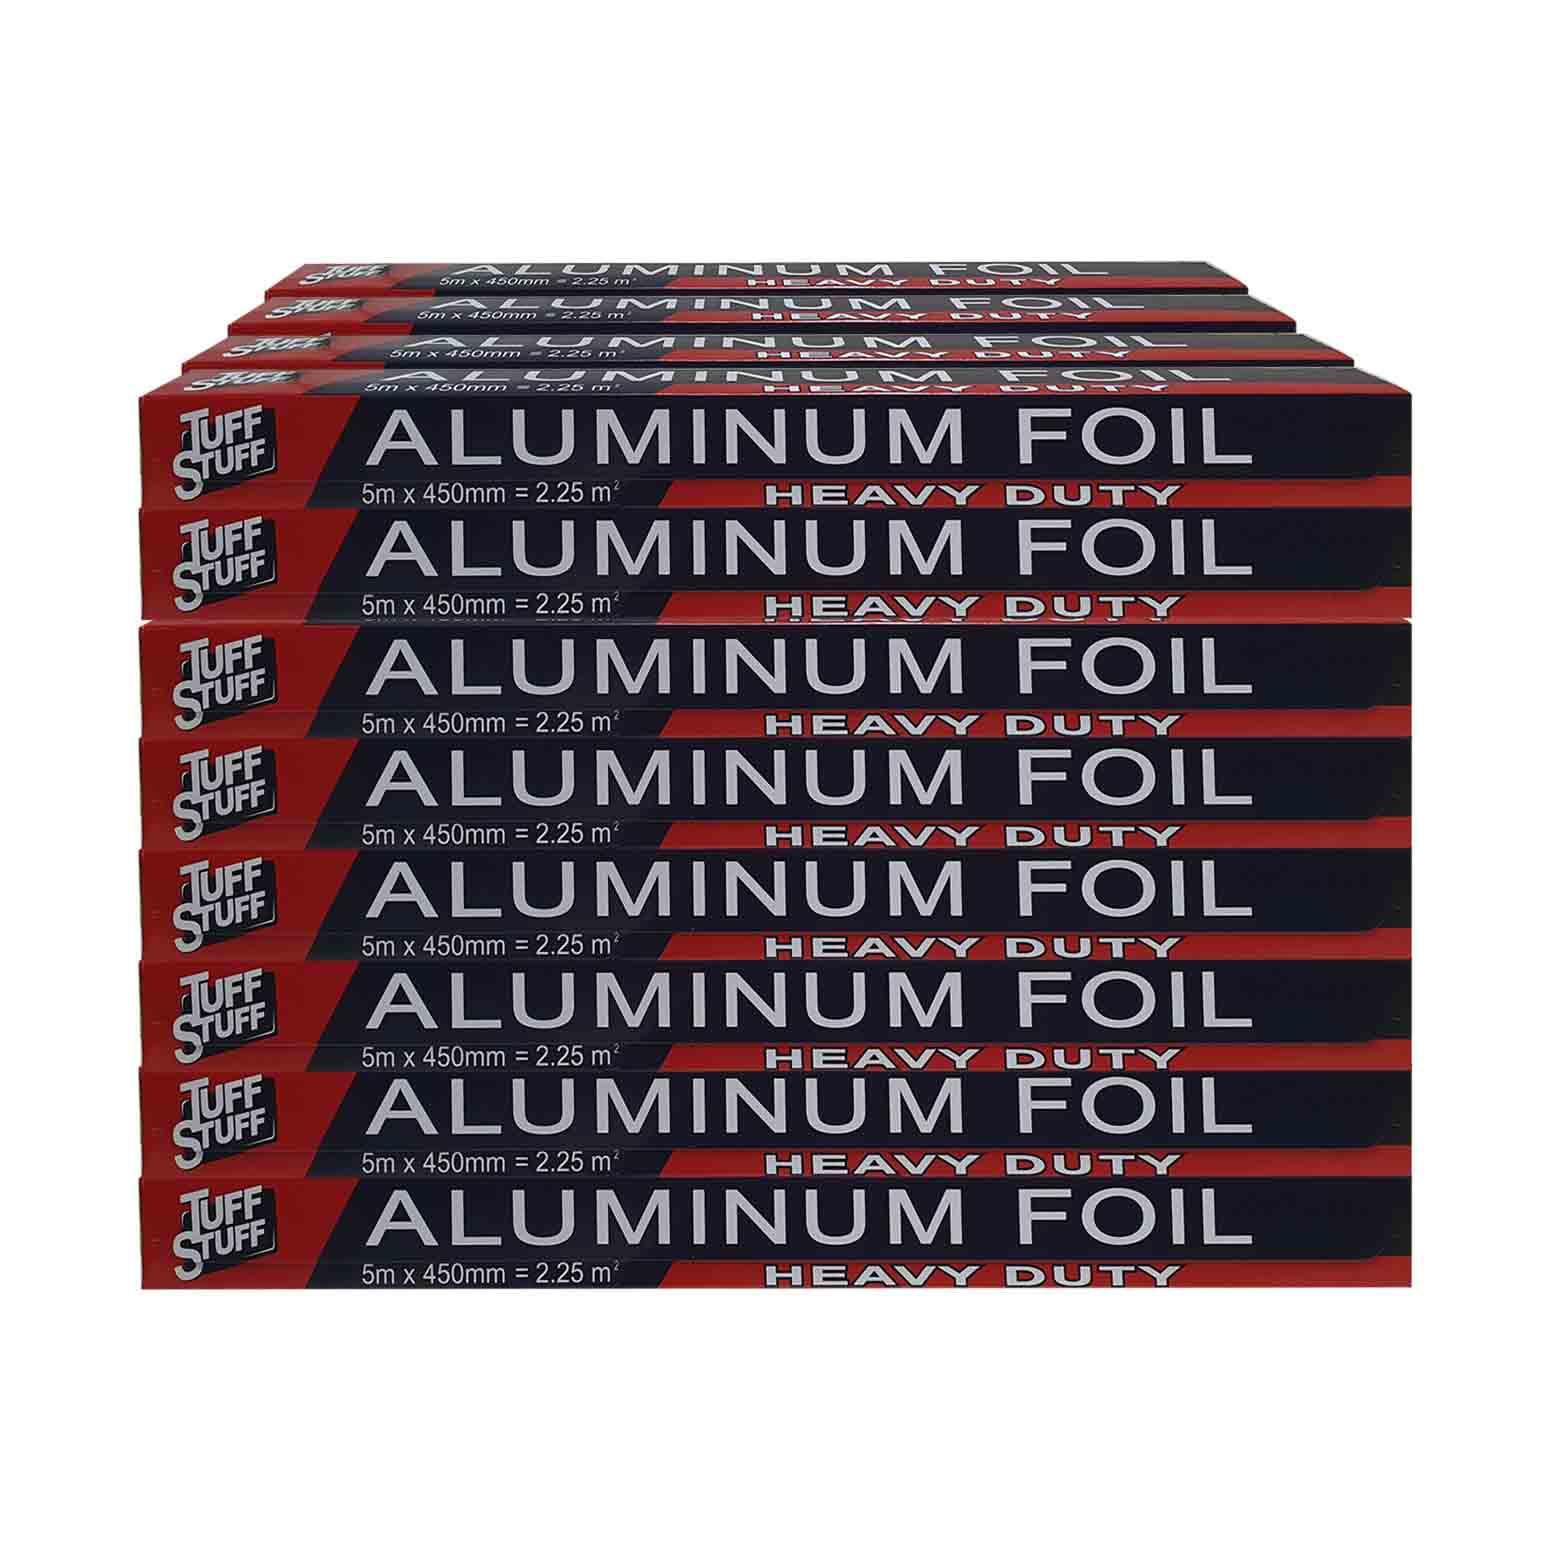 Tuff Stuff Aluminium Foil 45cm x 5m x 48pcs (Ctn)